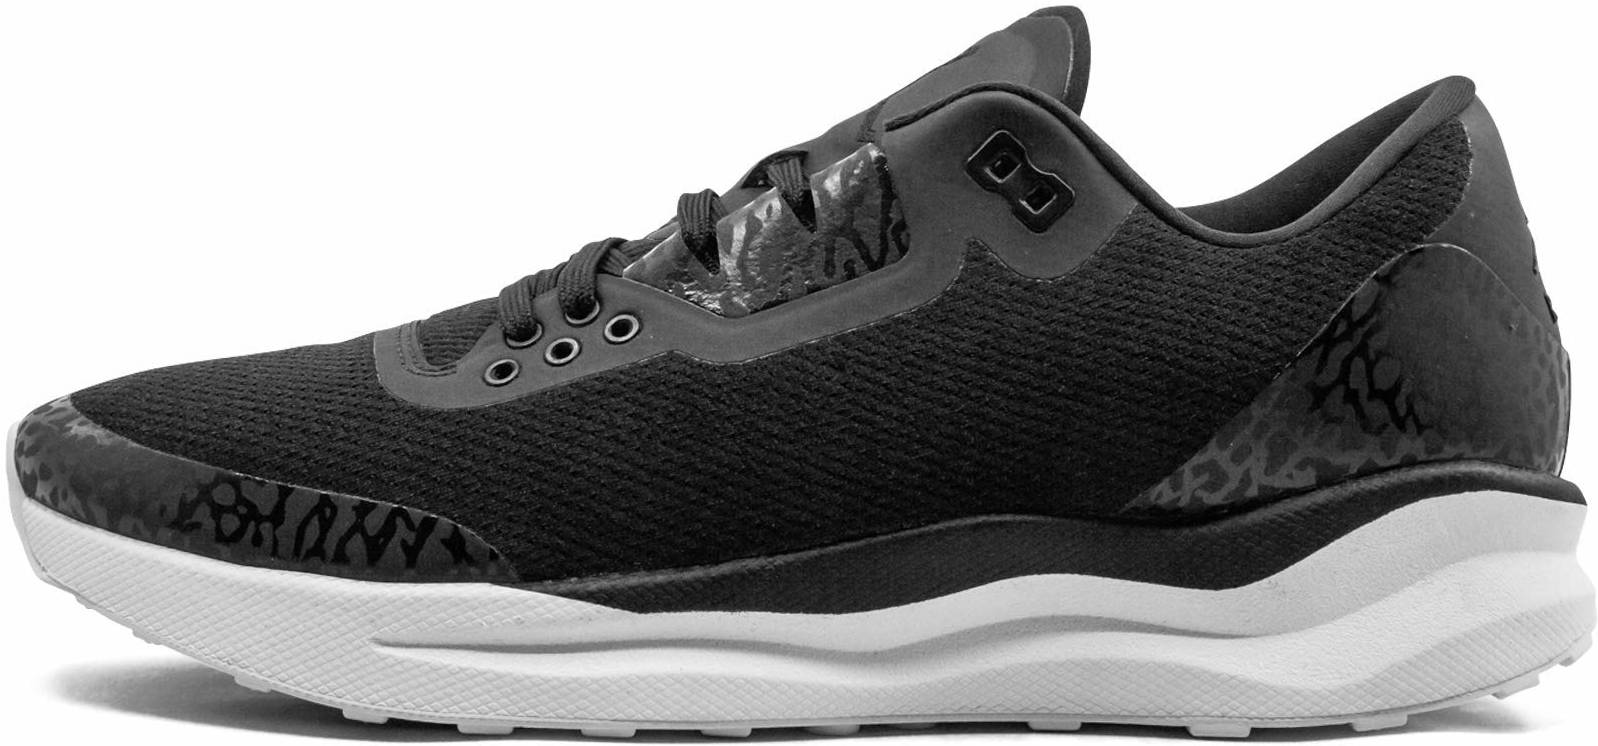 9 Jordan running shoes | RunRepeat